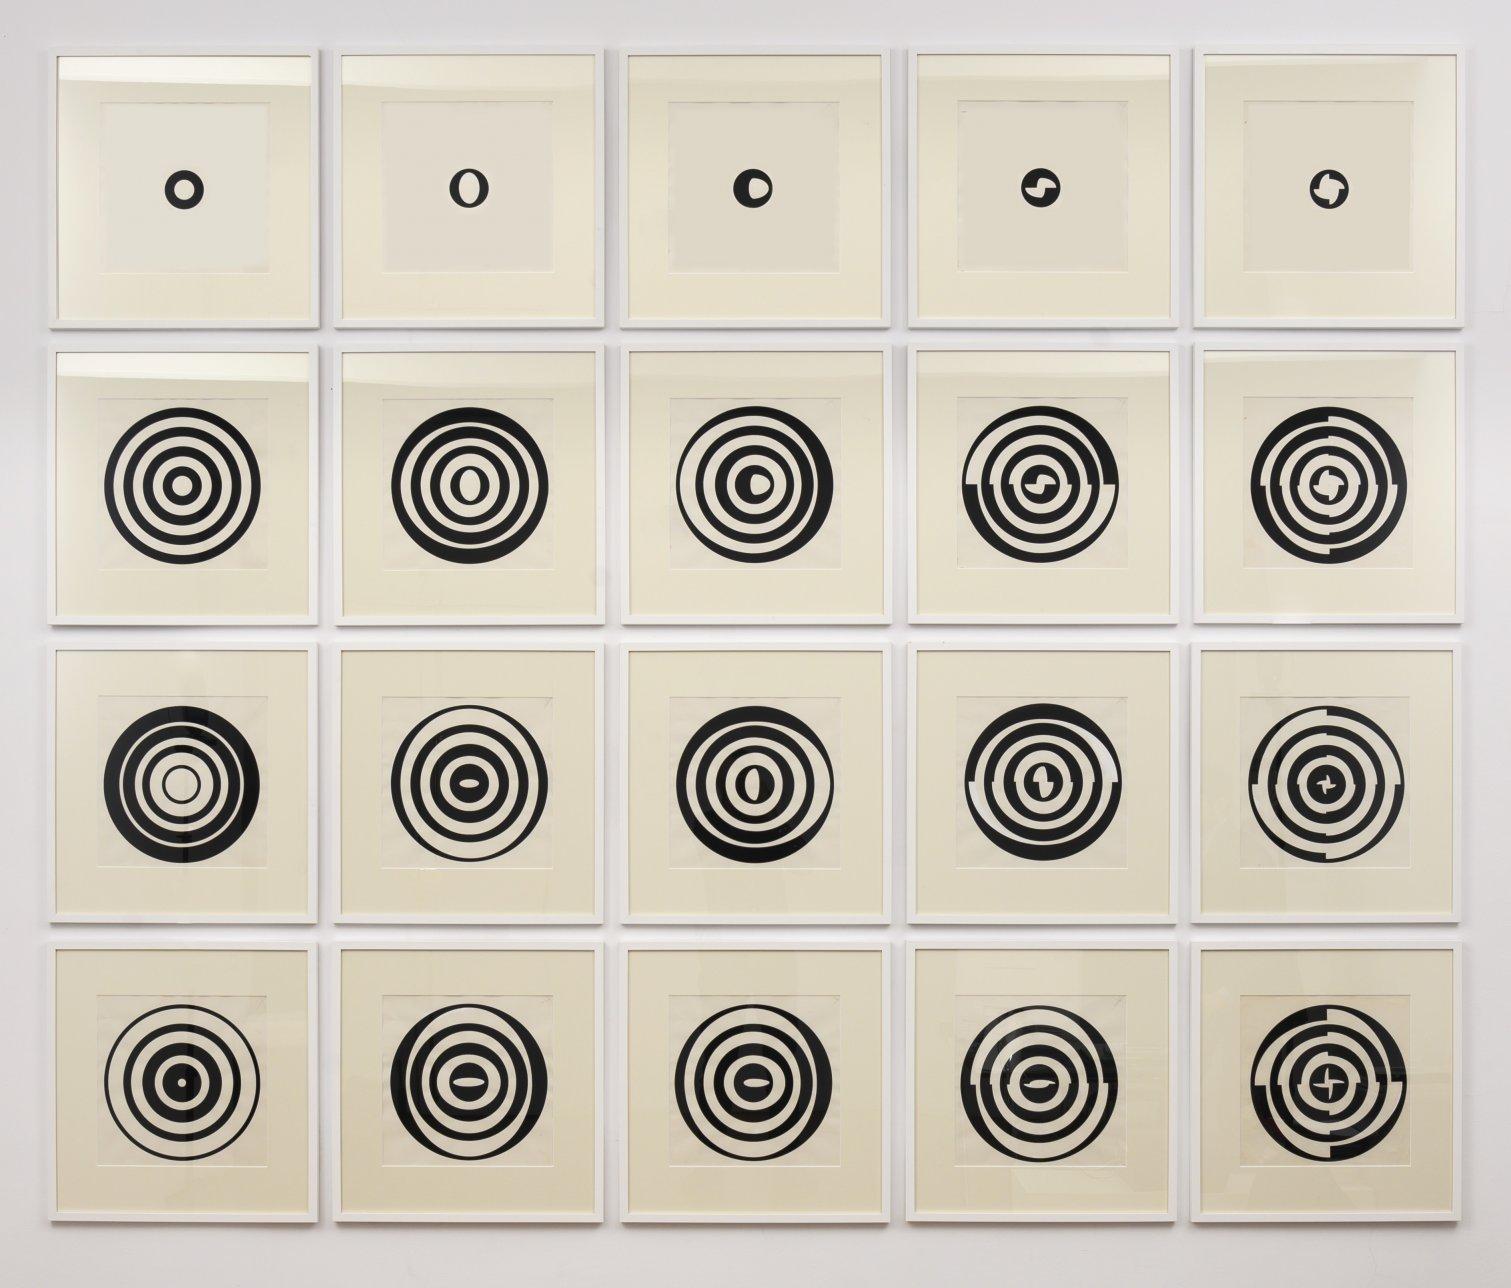 Apolonioideas (1970) - Tomás García Asensio